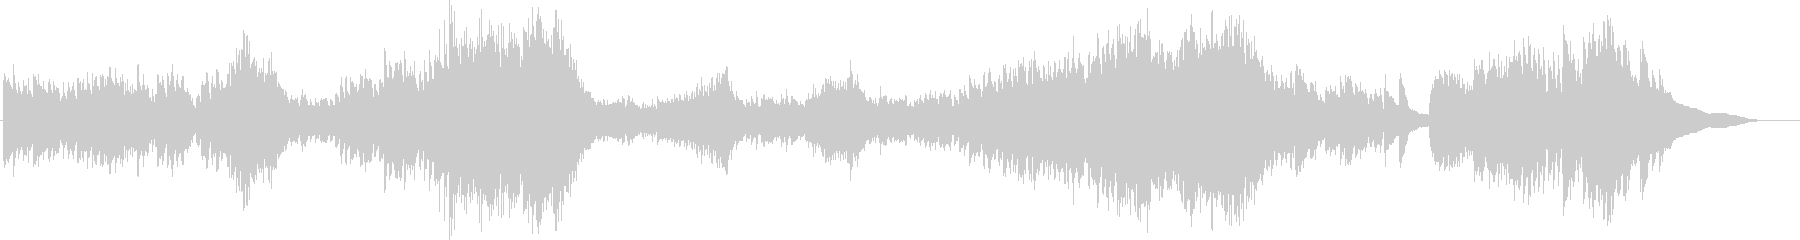 スピーディーで緊迫感のあるピアノ曲の未再生の波形